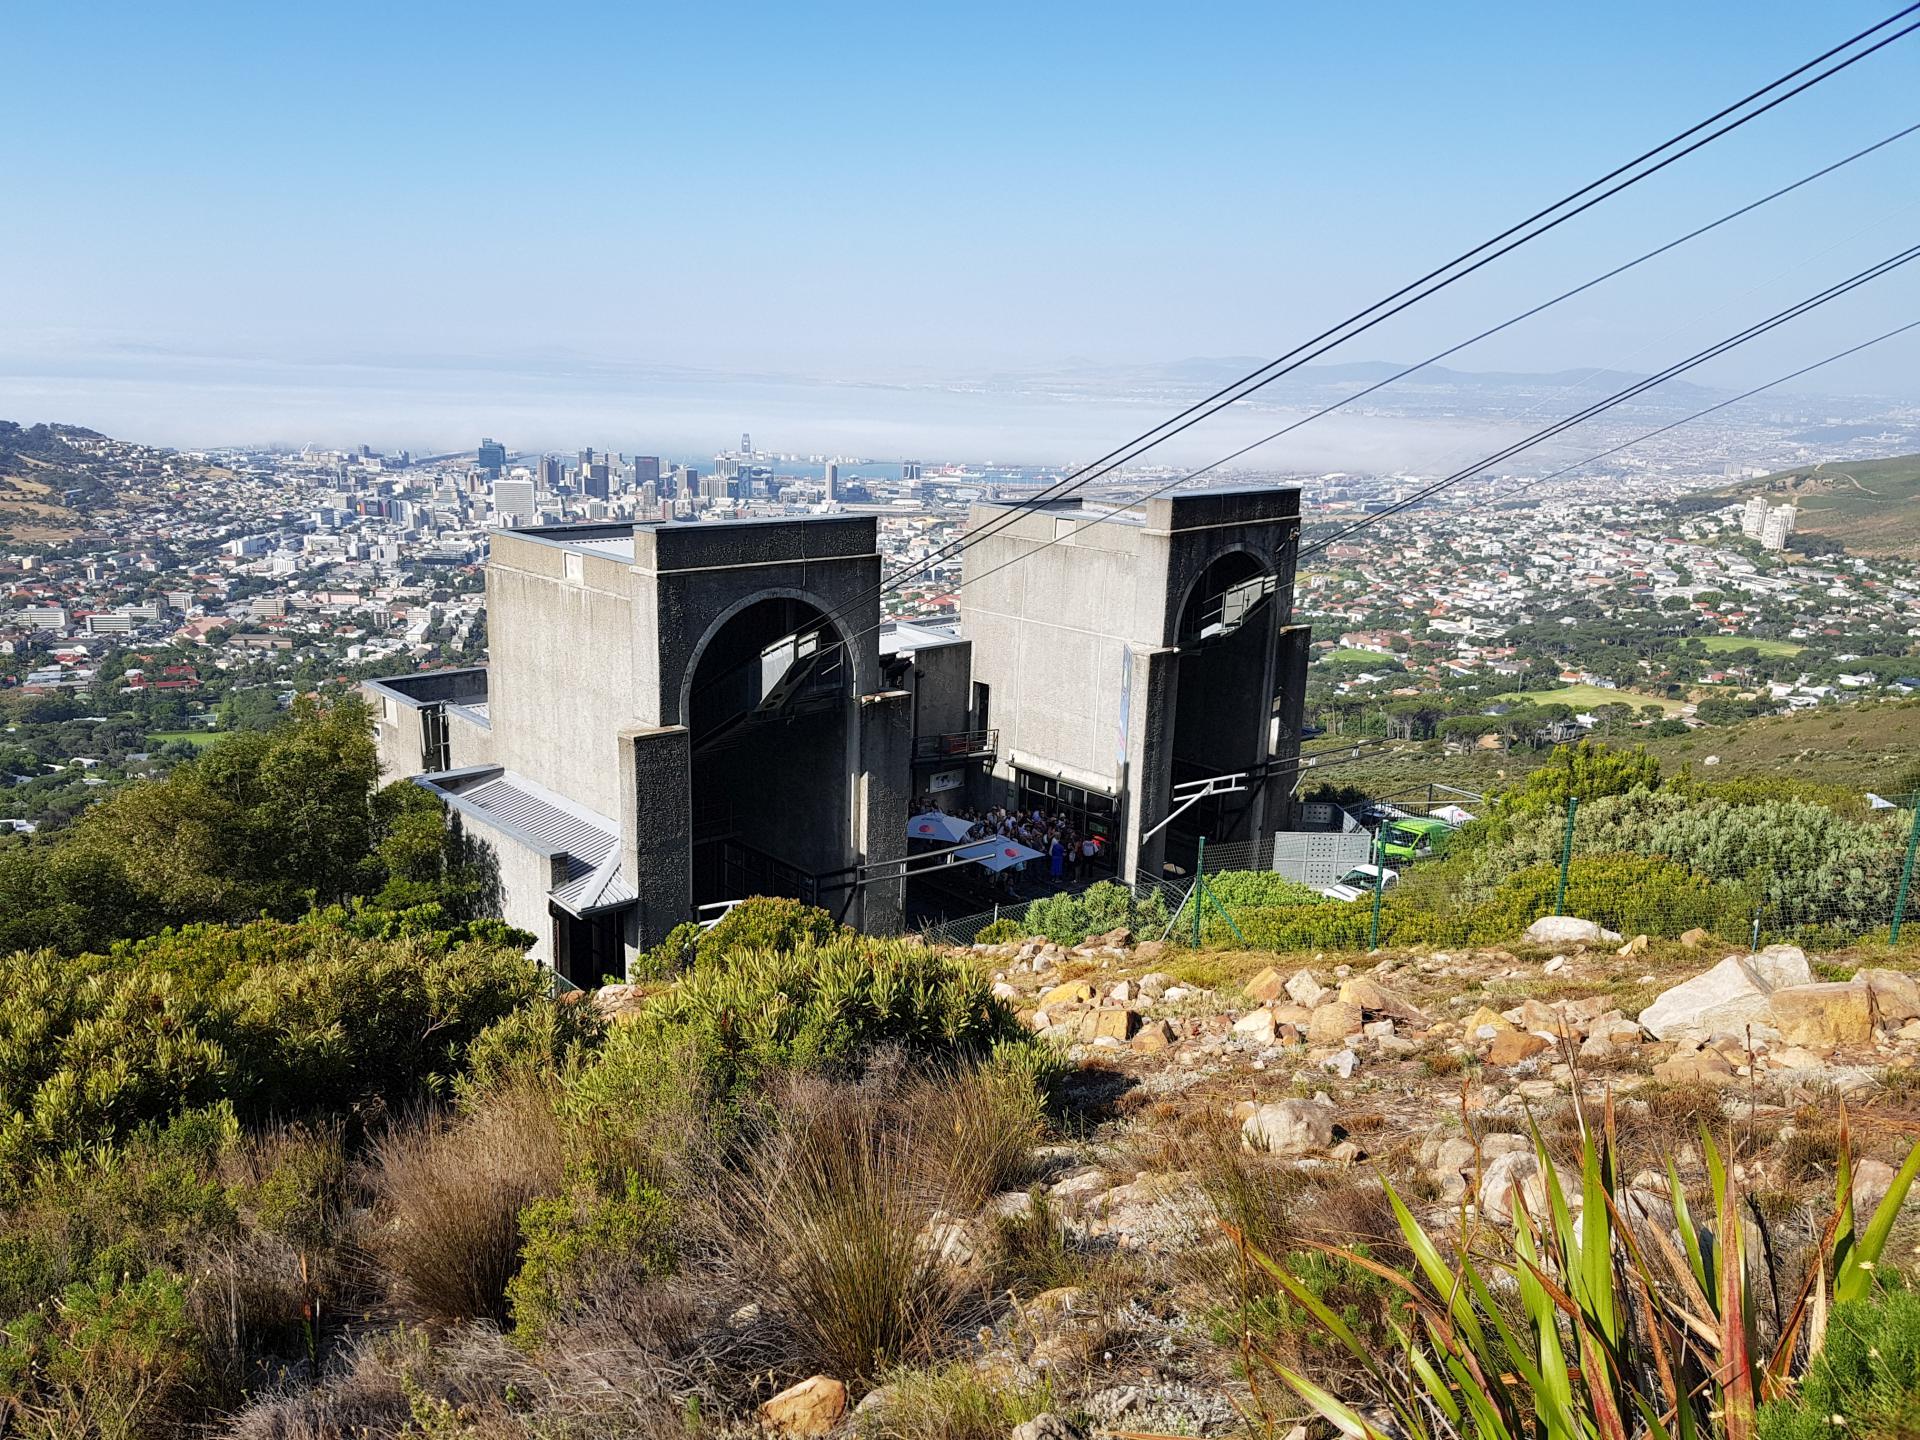 Станция канатной дороги Столовой горы, Кейптаун